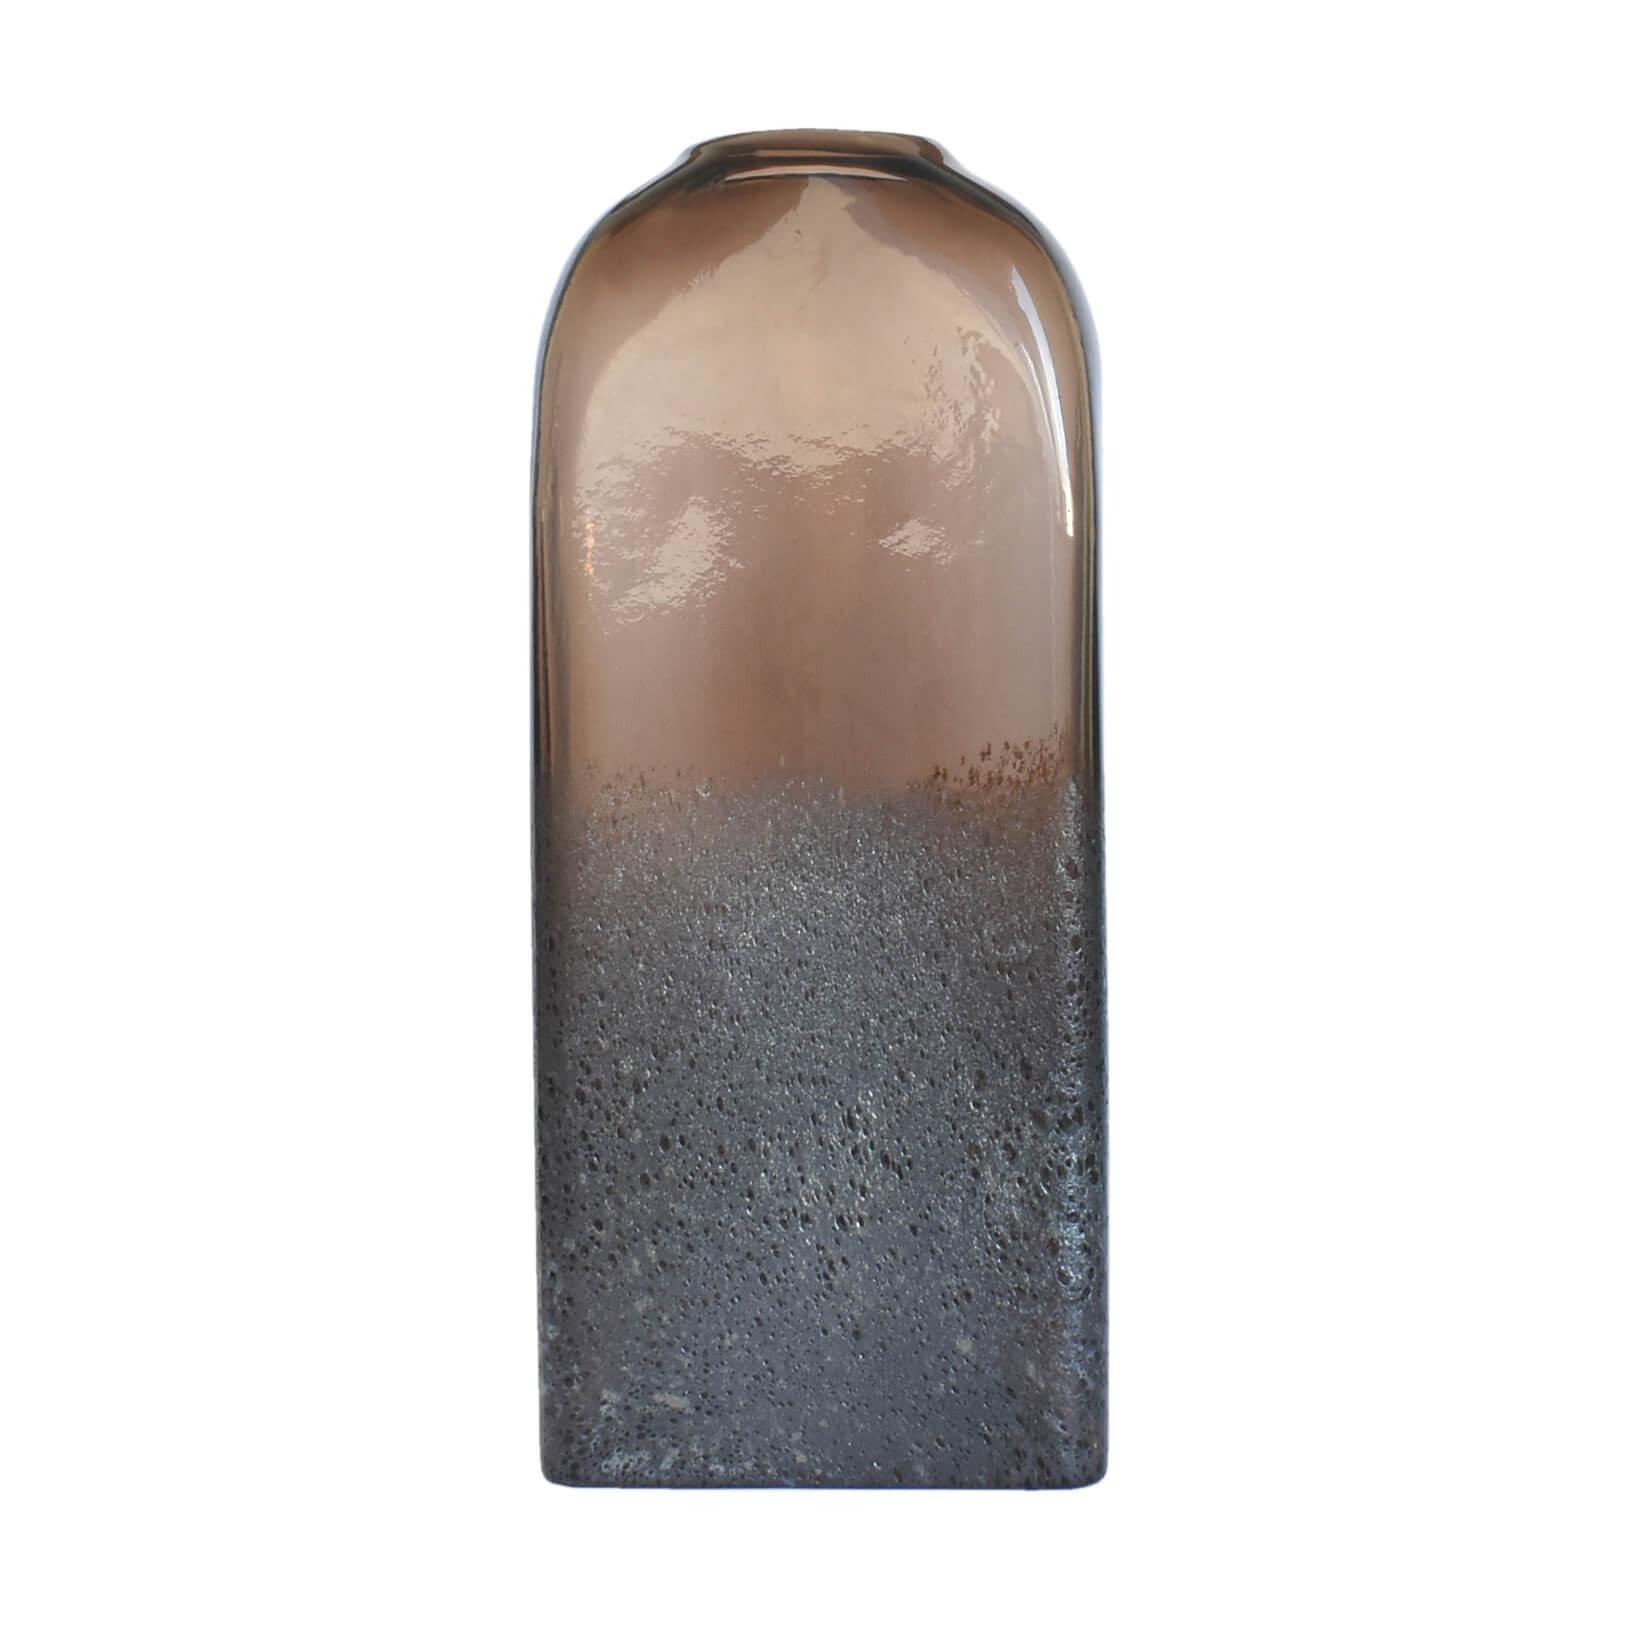 Vaso Marrom e Cinza Annoda G 35,5 Cm